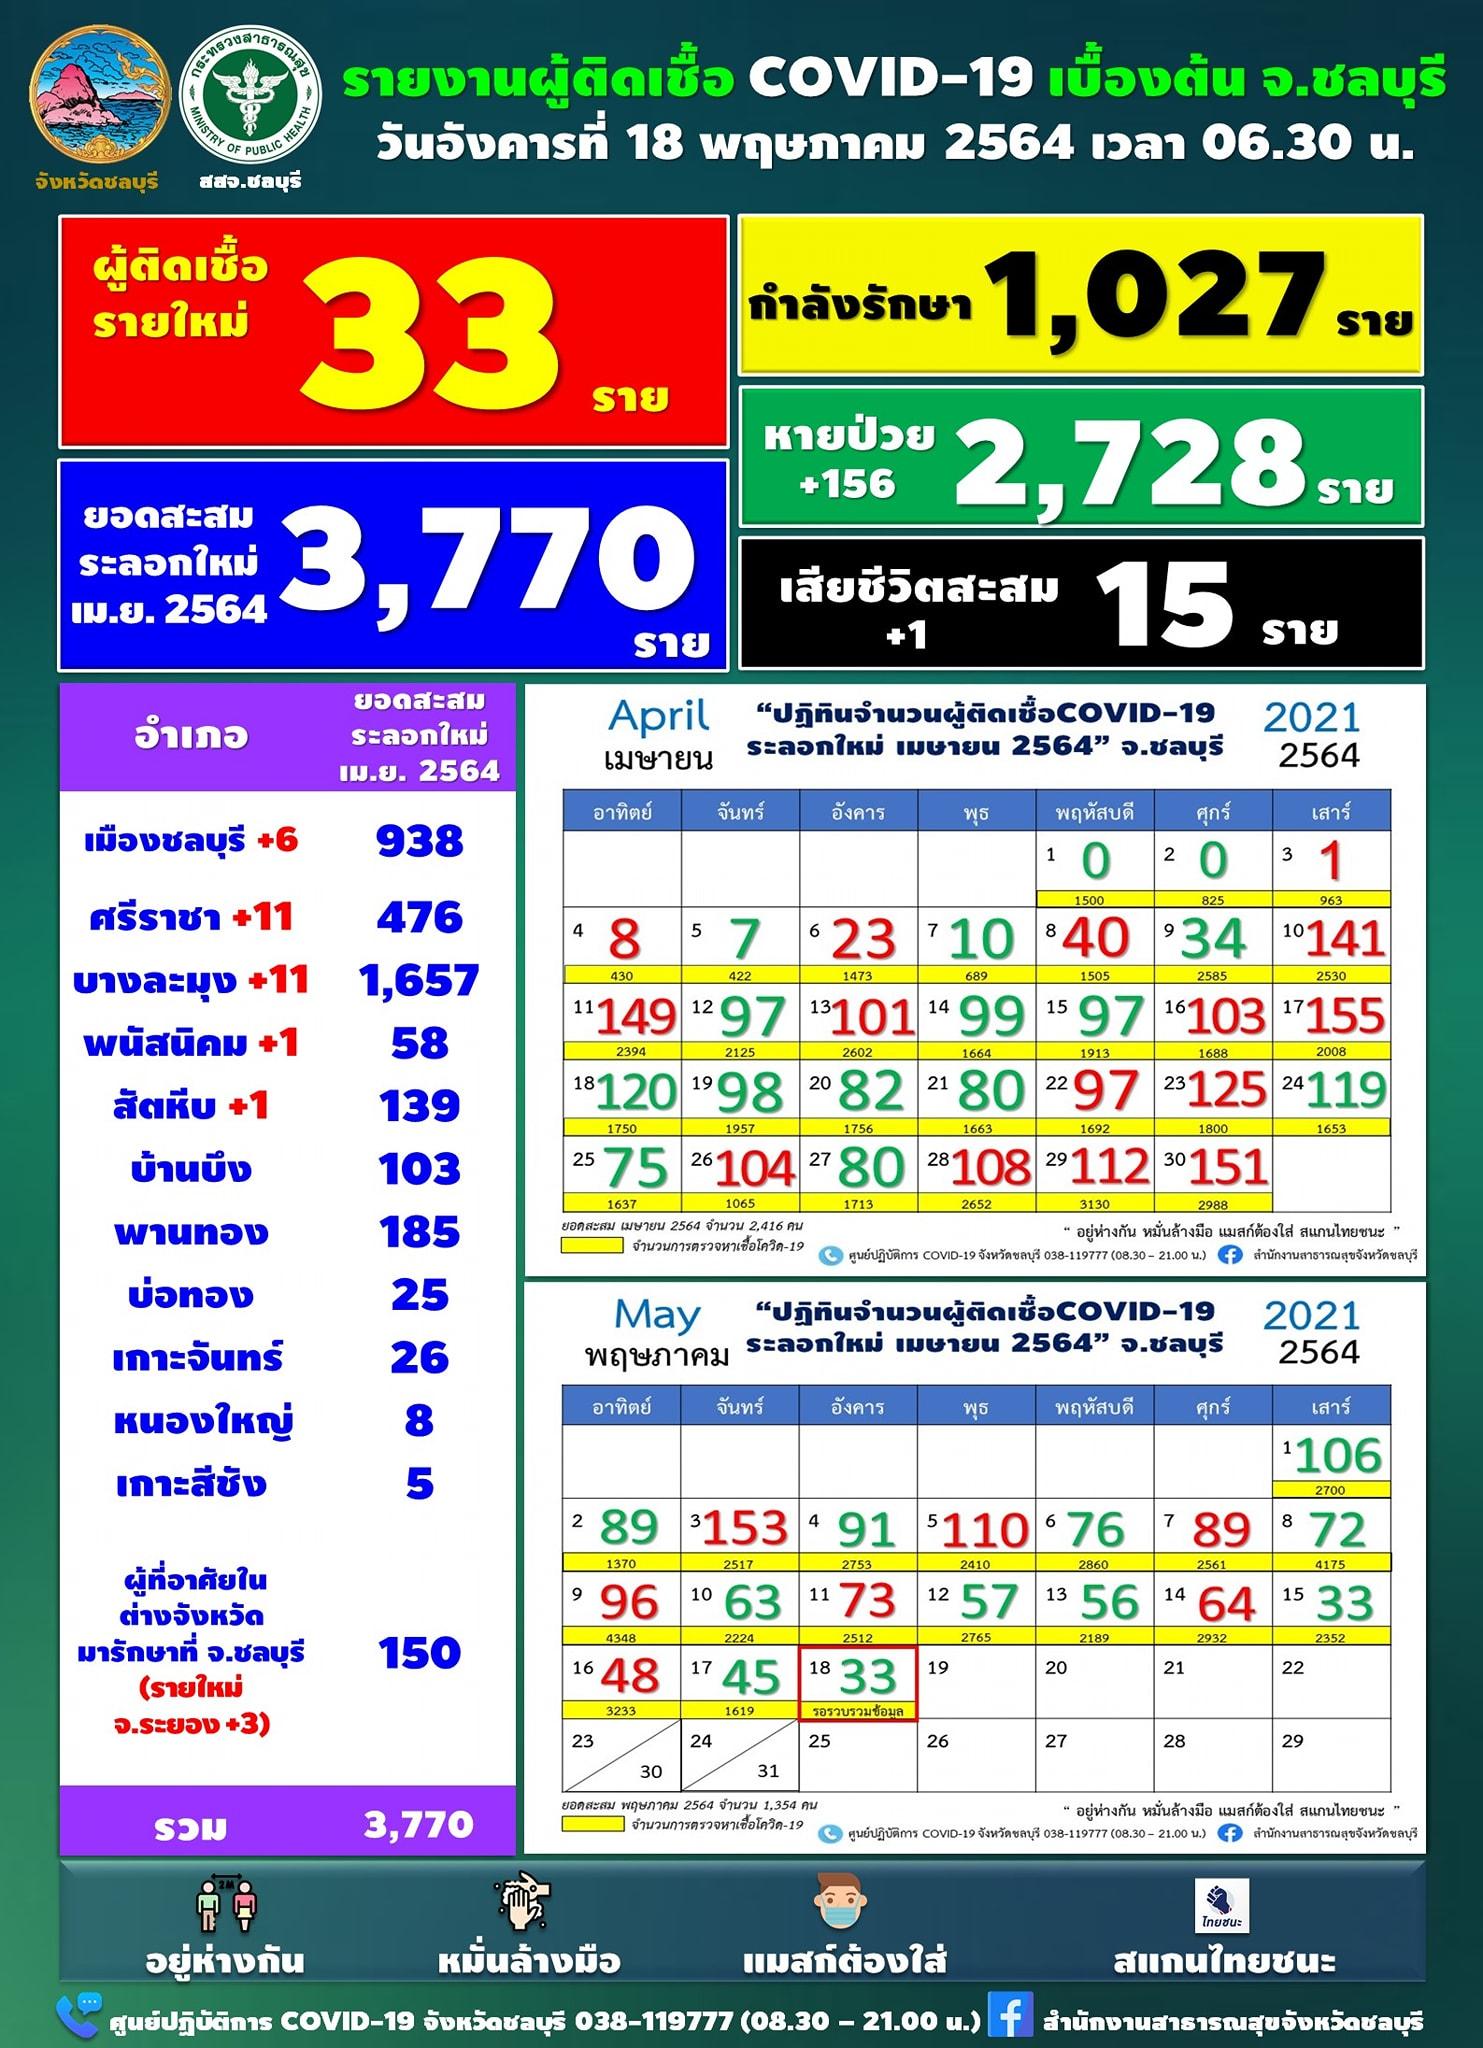 チョンブリ県 新たに1日で33人陽性[2021年5月18日発表]